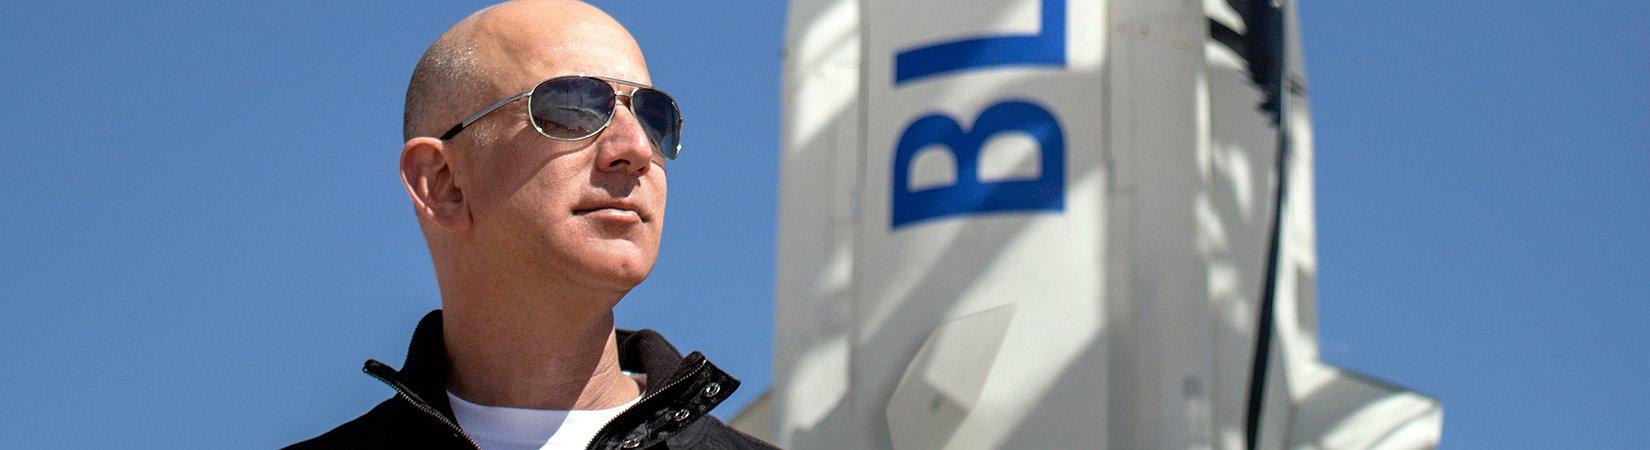 Jeff Bezos desvela su nuevo cohete espacial